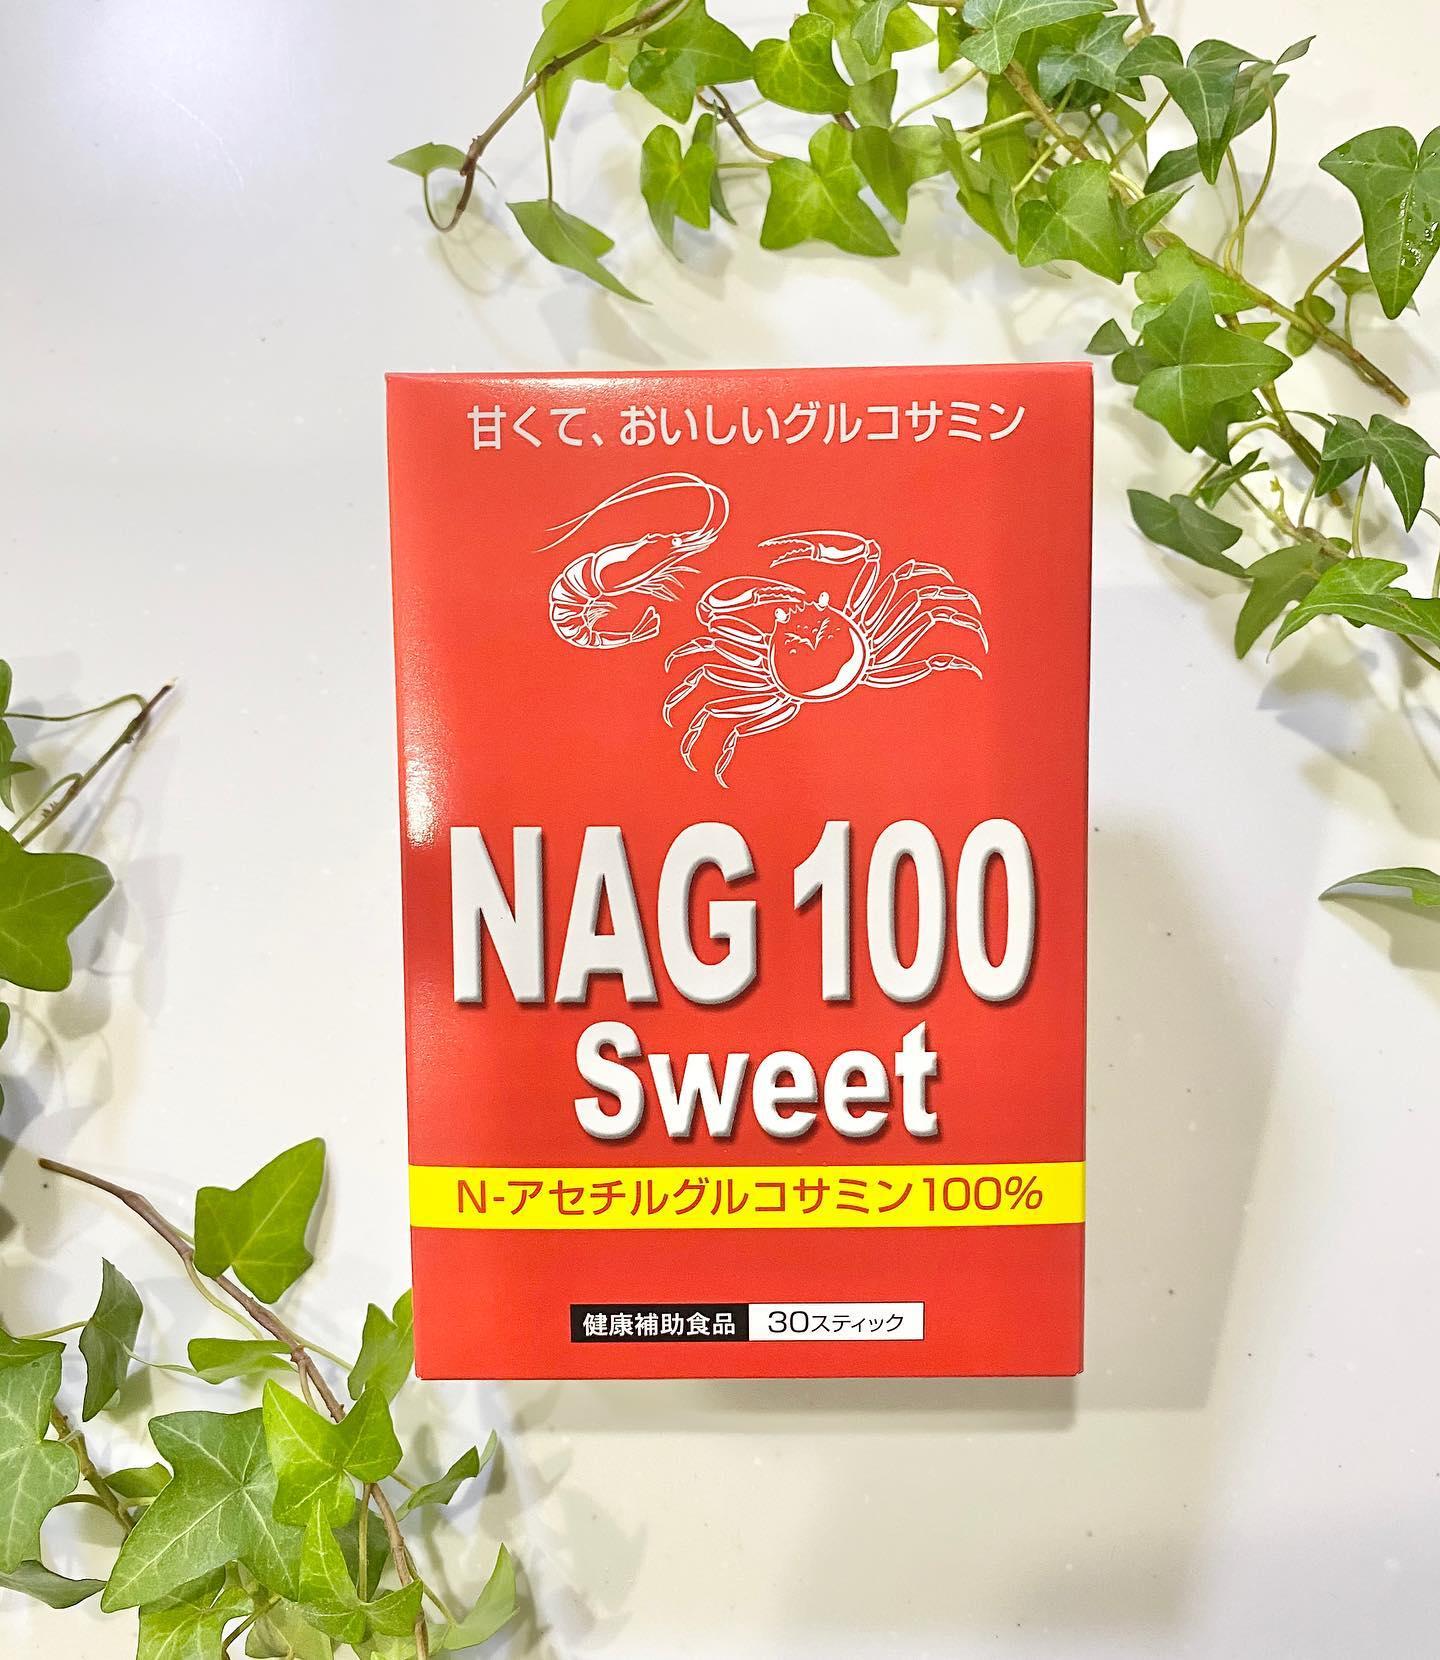 口コミ投稿:甘くておいしい、NAG100スイート🍯✨カニやエビの甲羅から酵素抽出したN-アセチルグ…